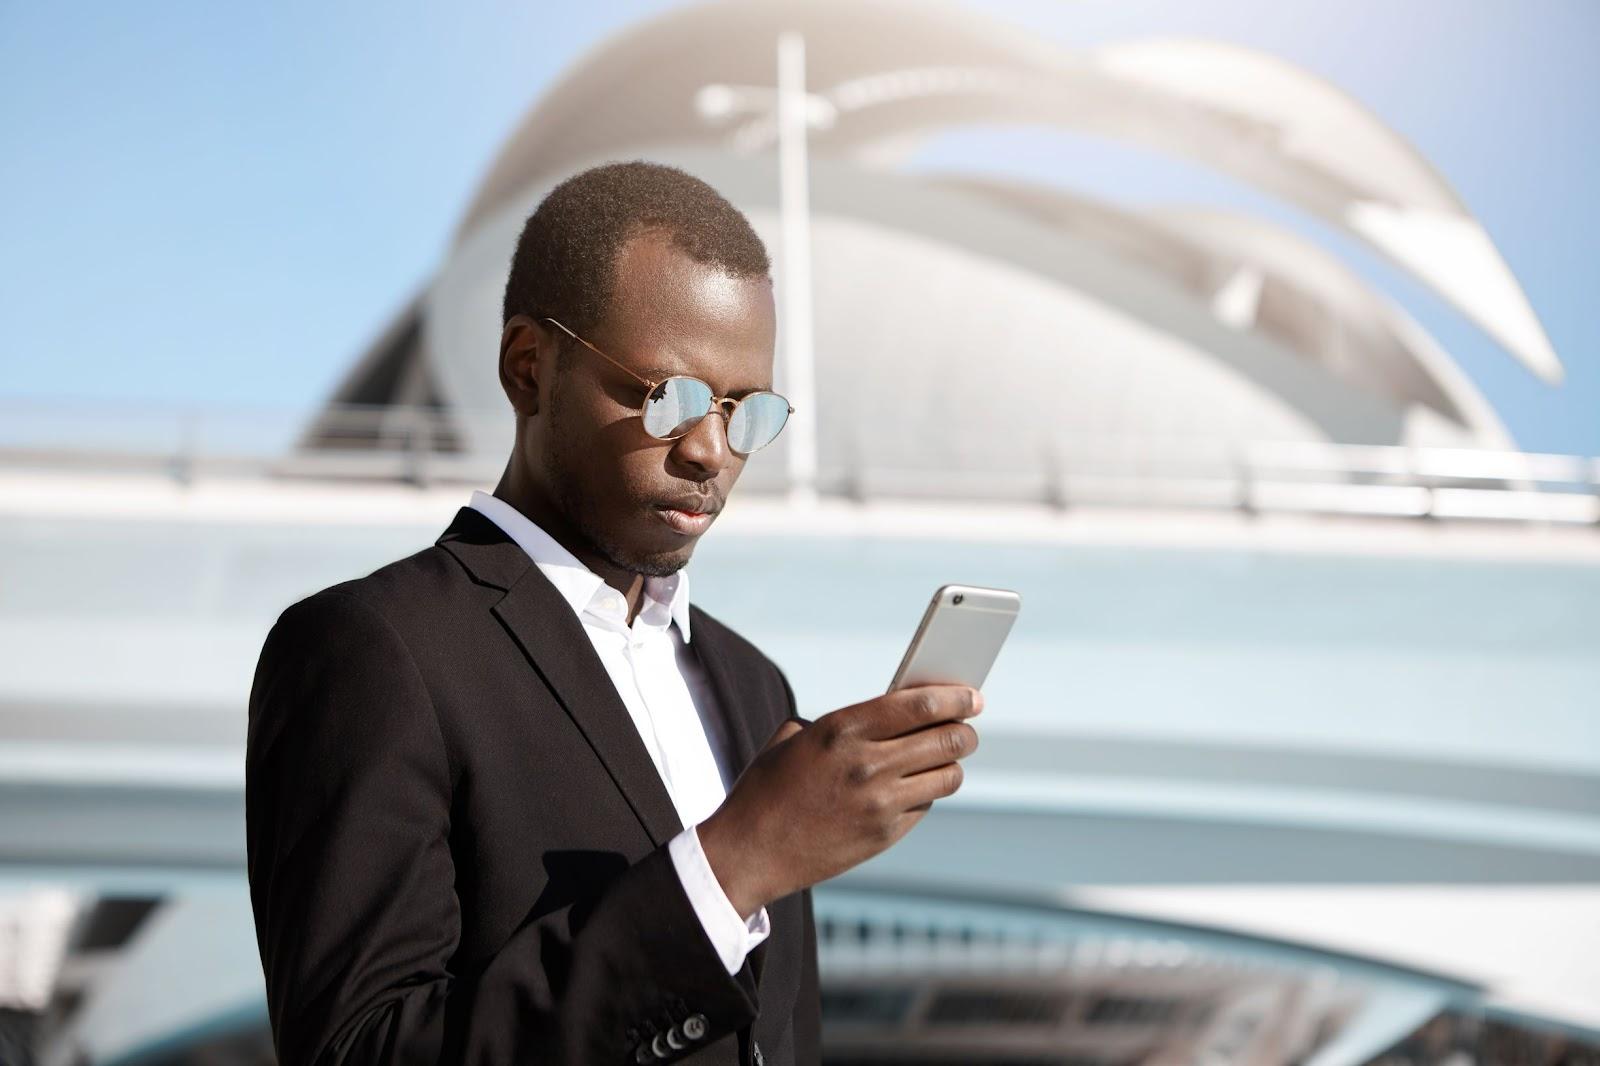 foto de um homem com roupas sociais e óculos escuros, mexendo em seu smartphone para realizar atividades de teletrabalho na modalidade remote everything